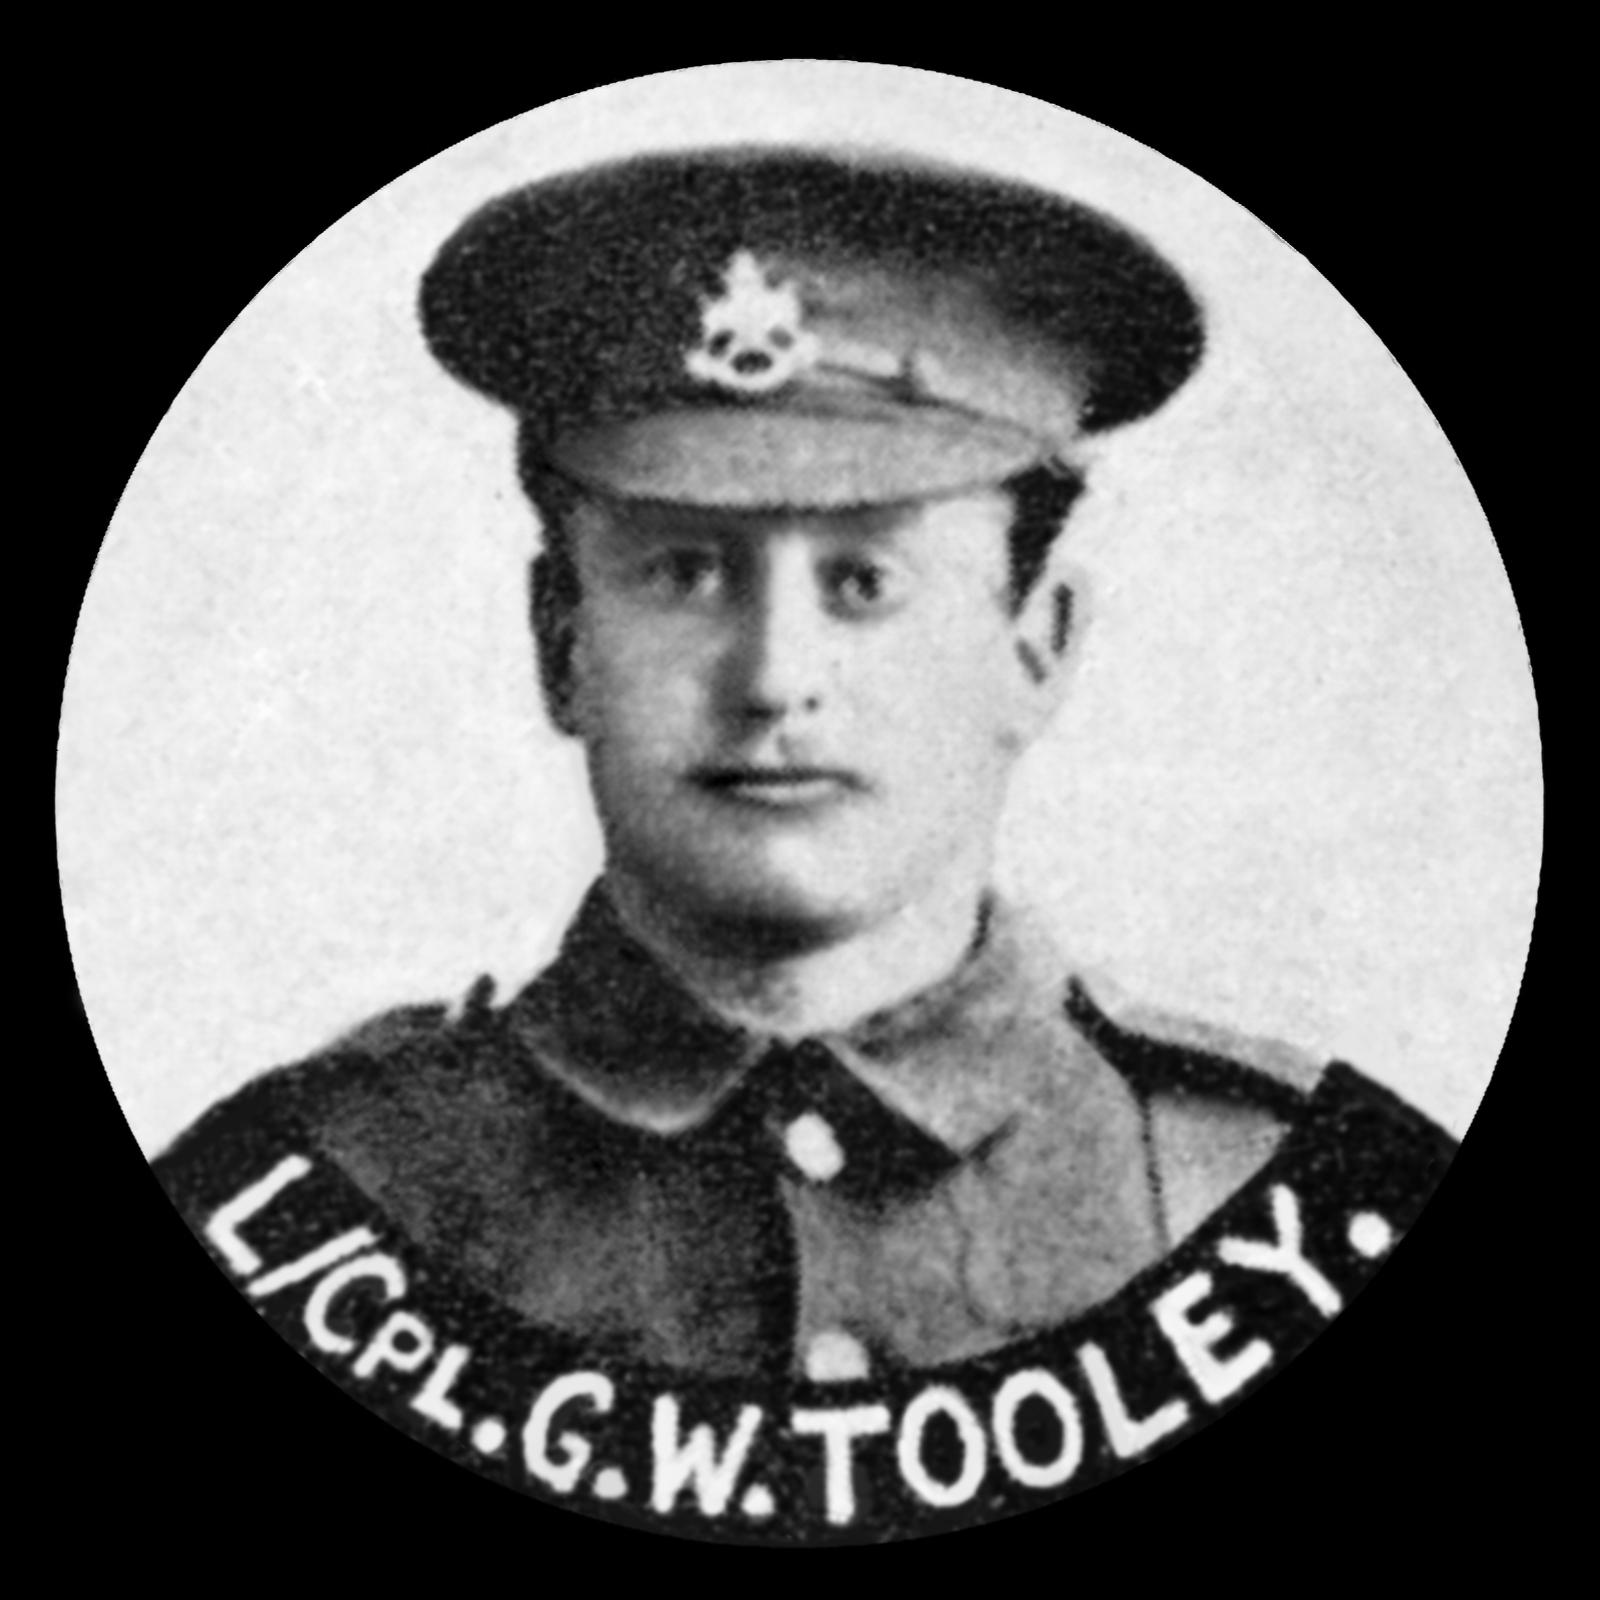 TOOLEY George William